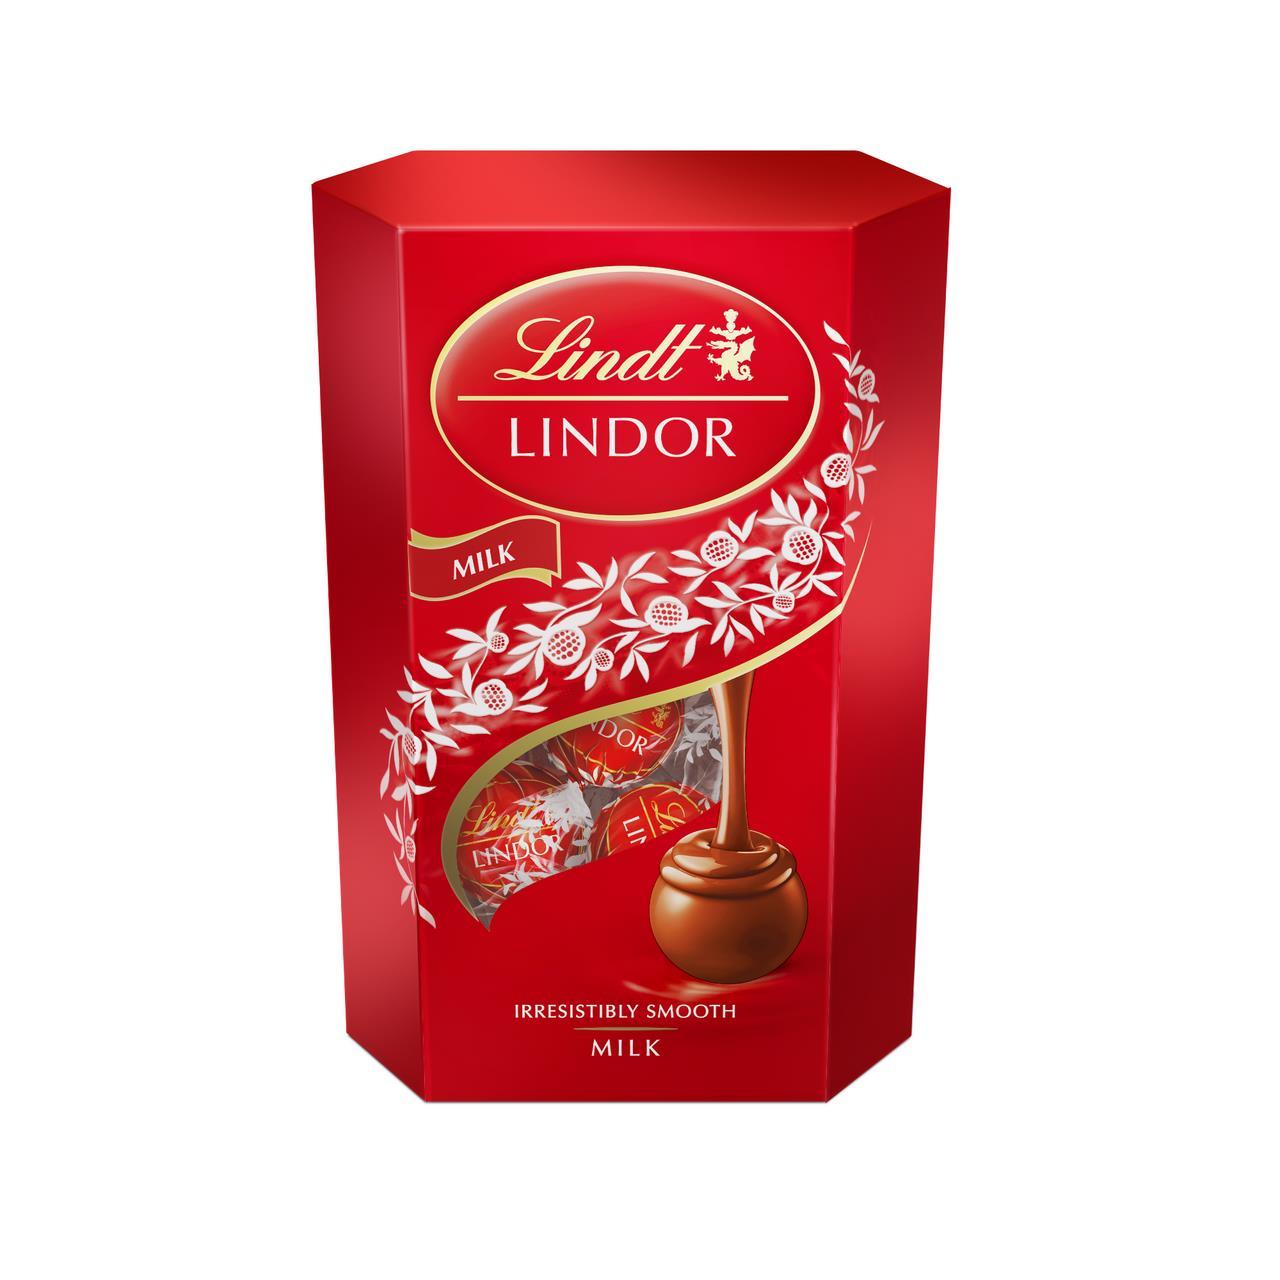 Шоколадные конфеты LINDT LINDOR Шарики, 200г